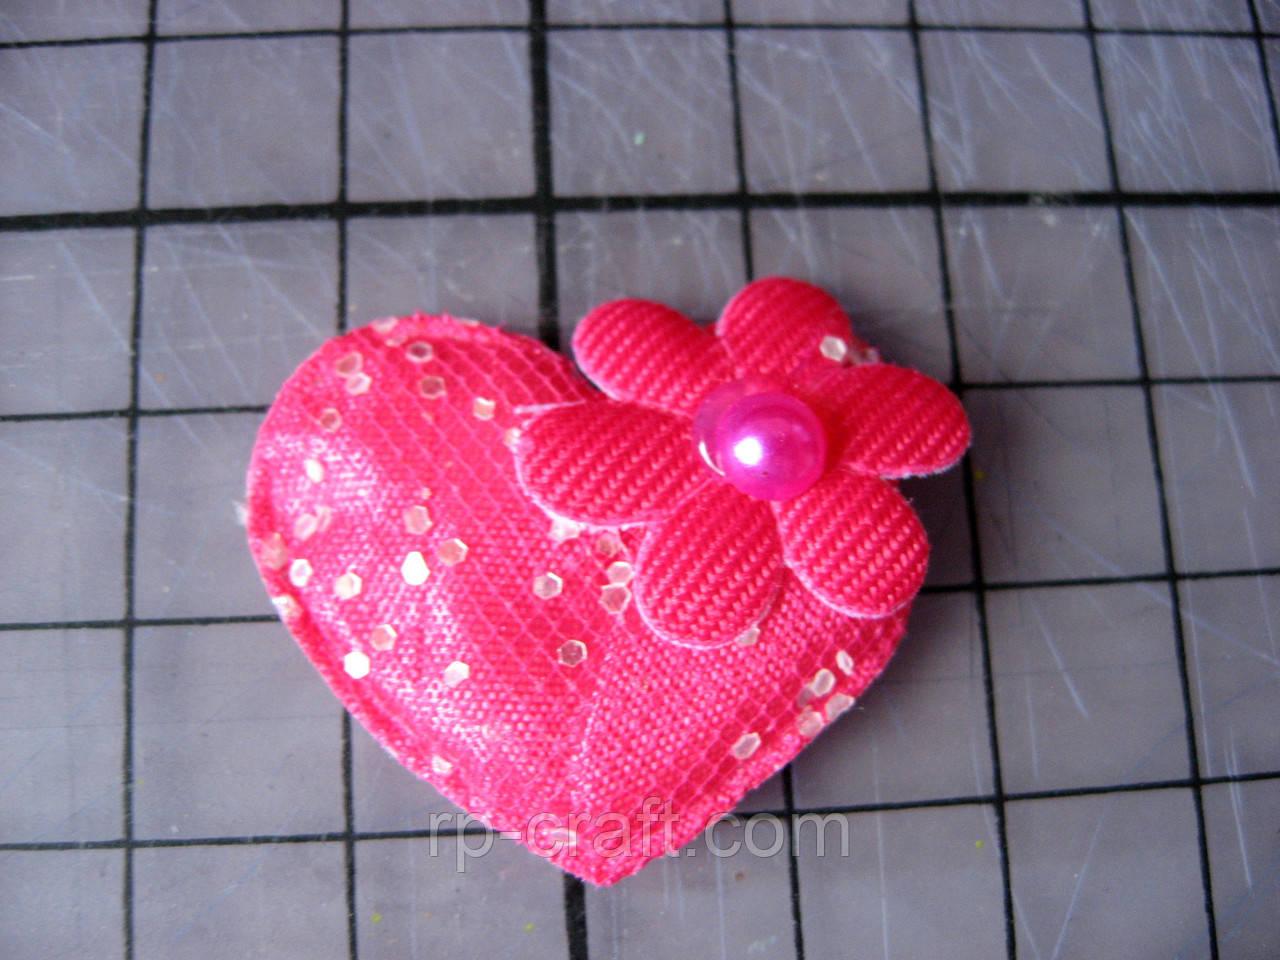 Аппликация из ткани. Сердце с цветочком,  розовое